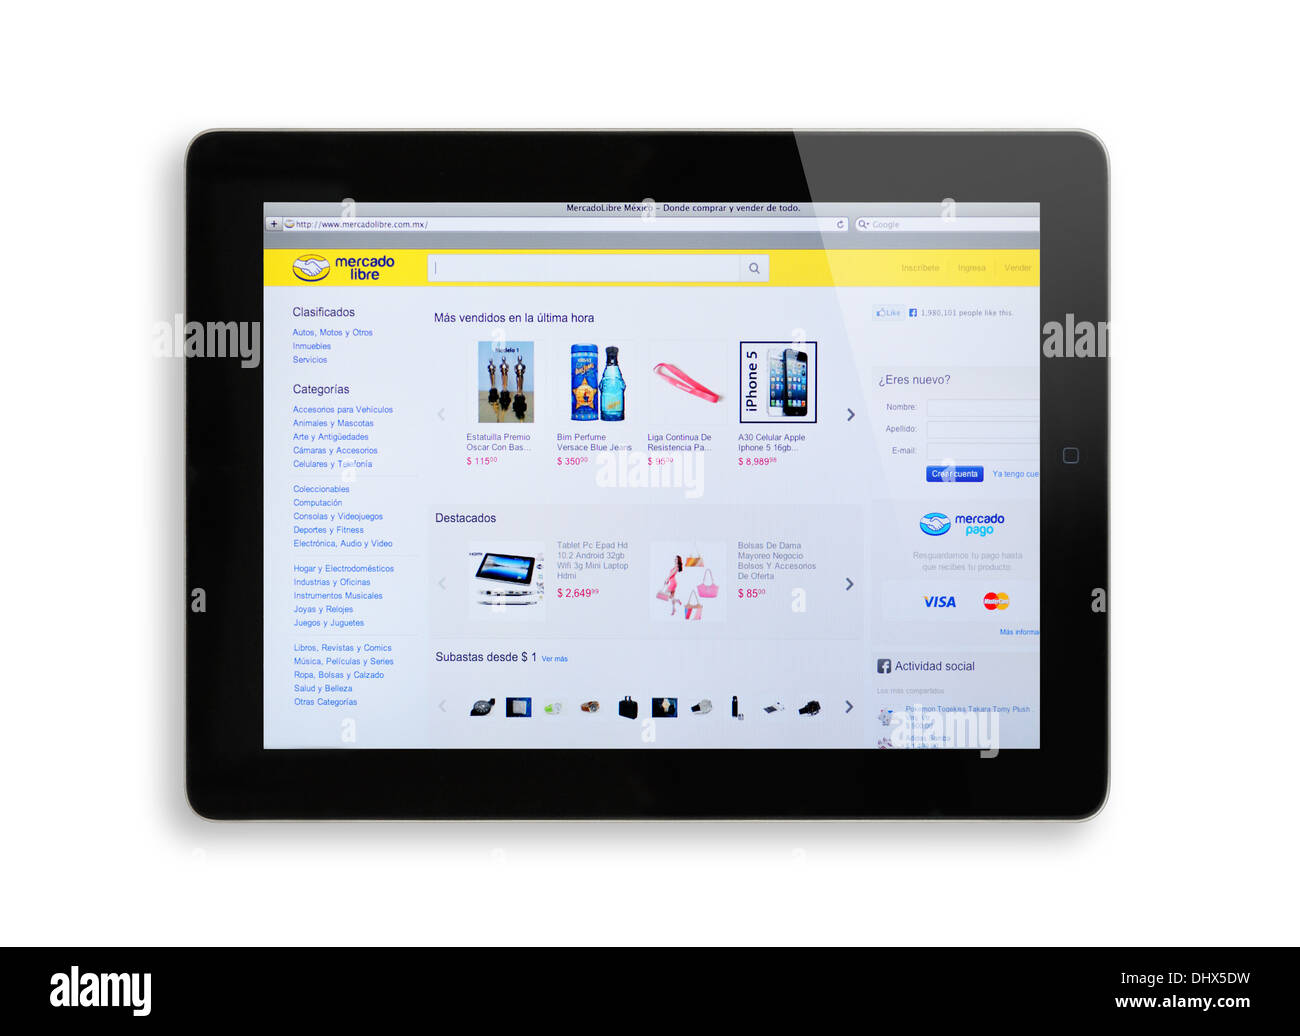 Mercado Libre online shopping website on iPad screen - Stock Image